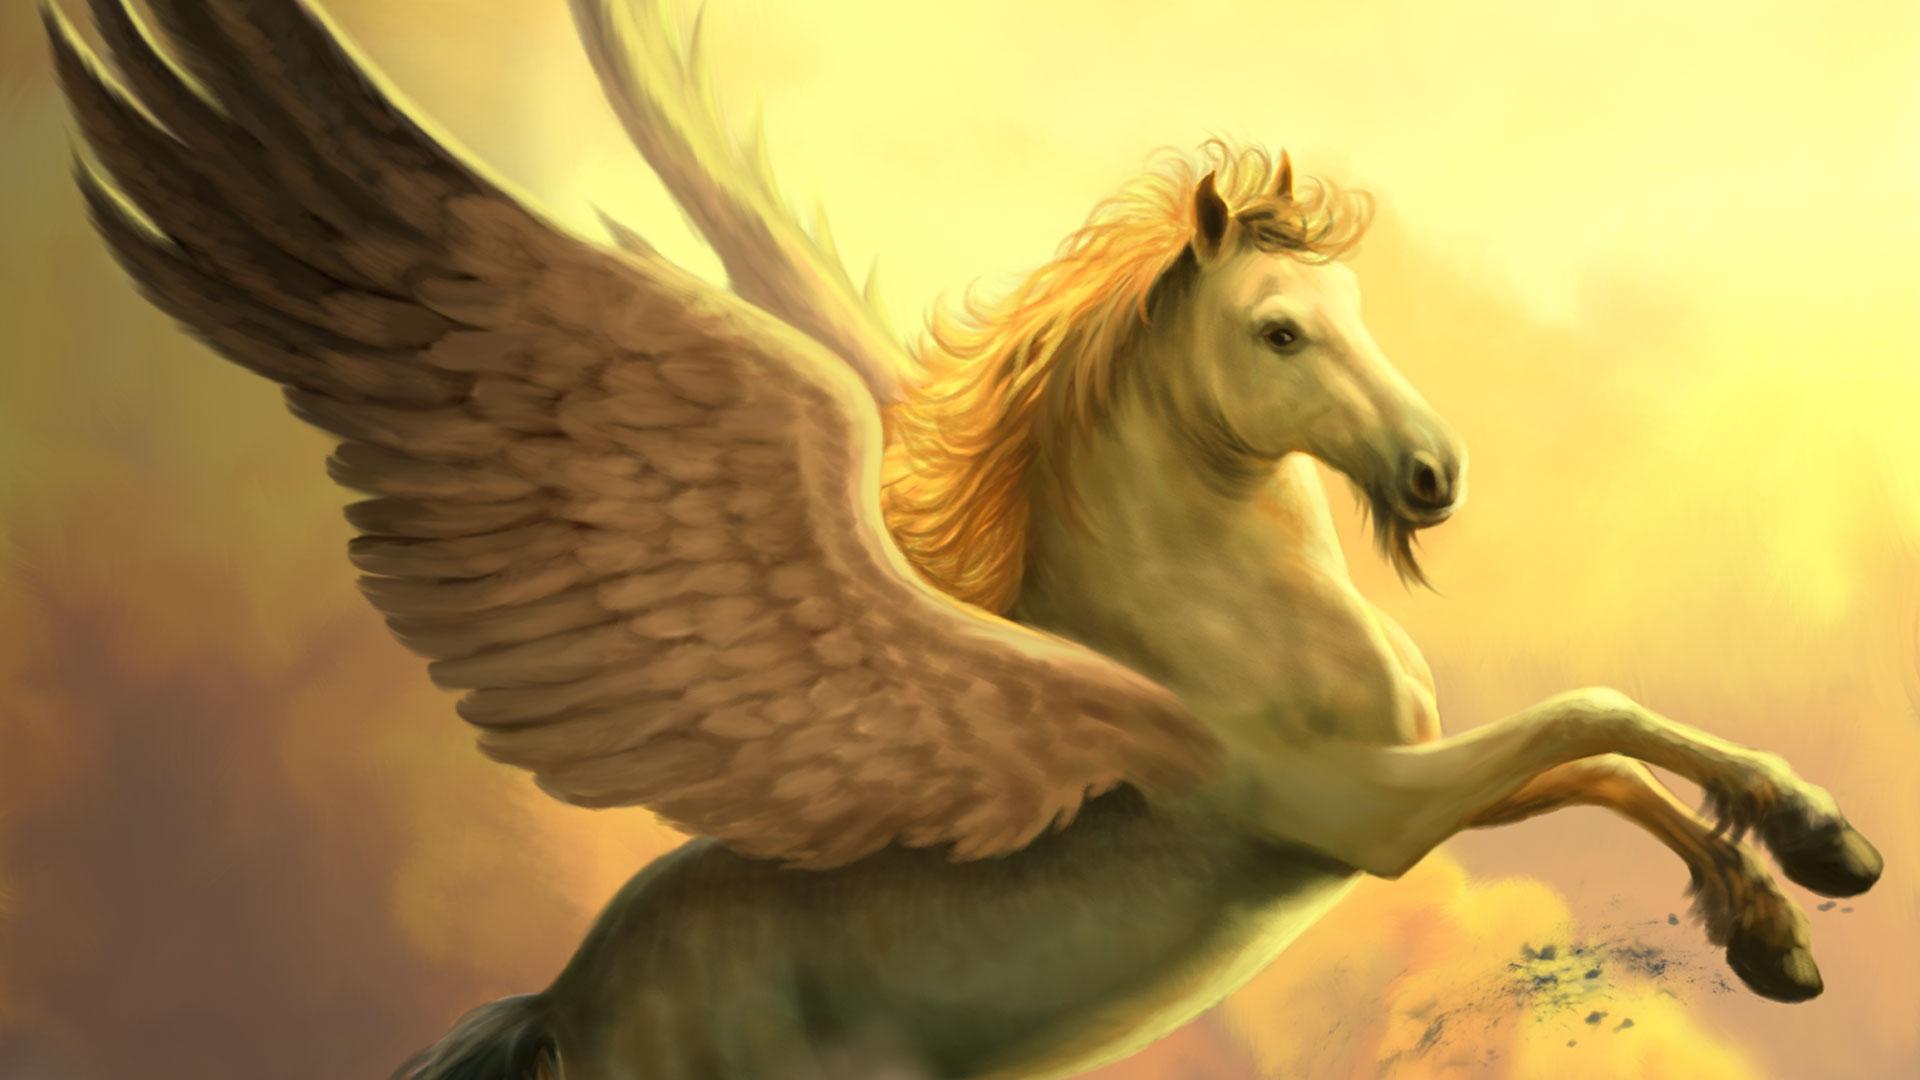 Blackjack Pegasus Porn - Card 6 of 8Artwork · Pegasus